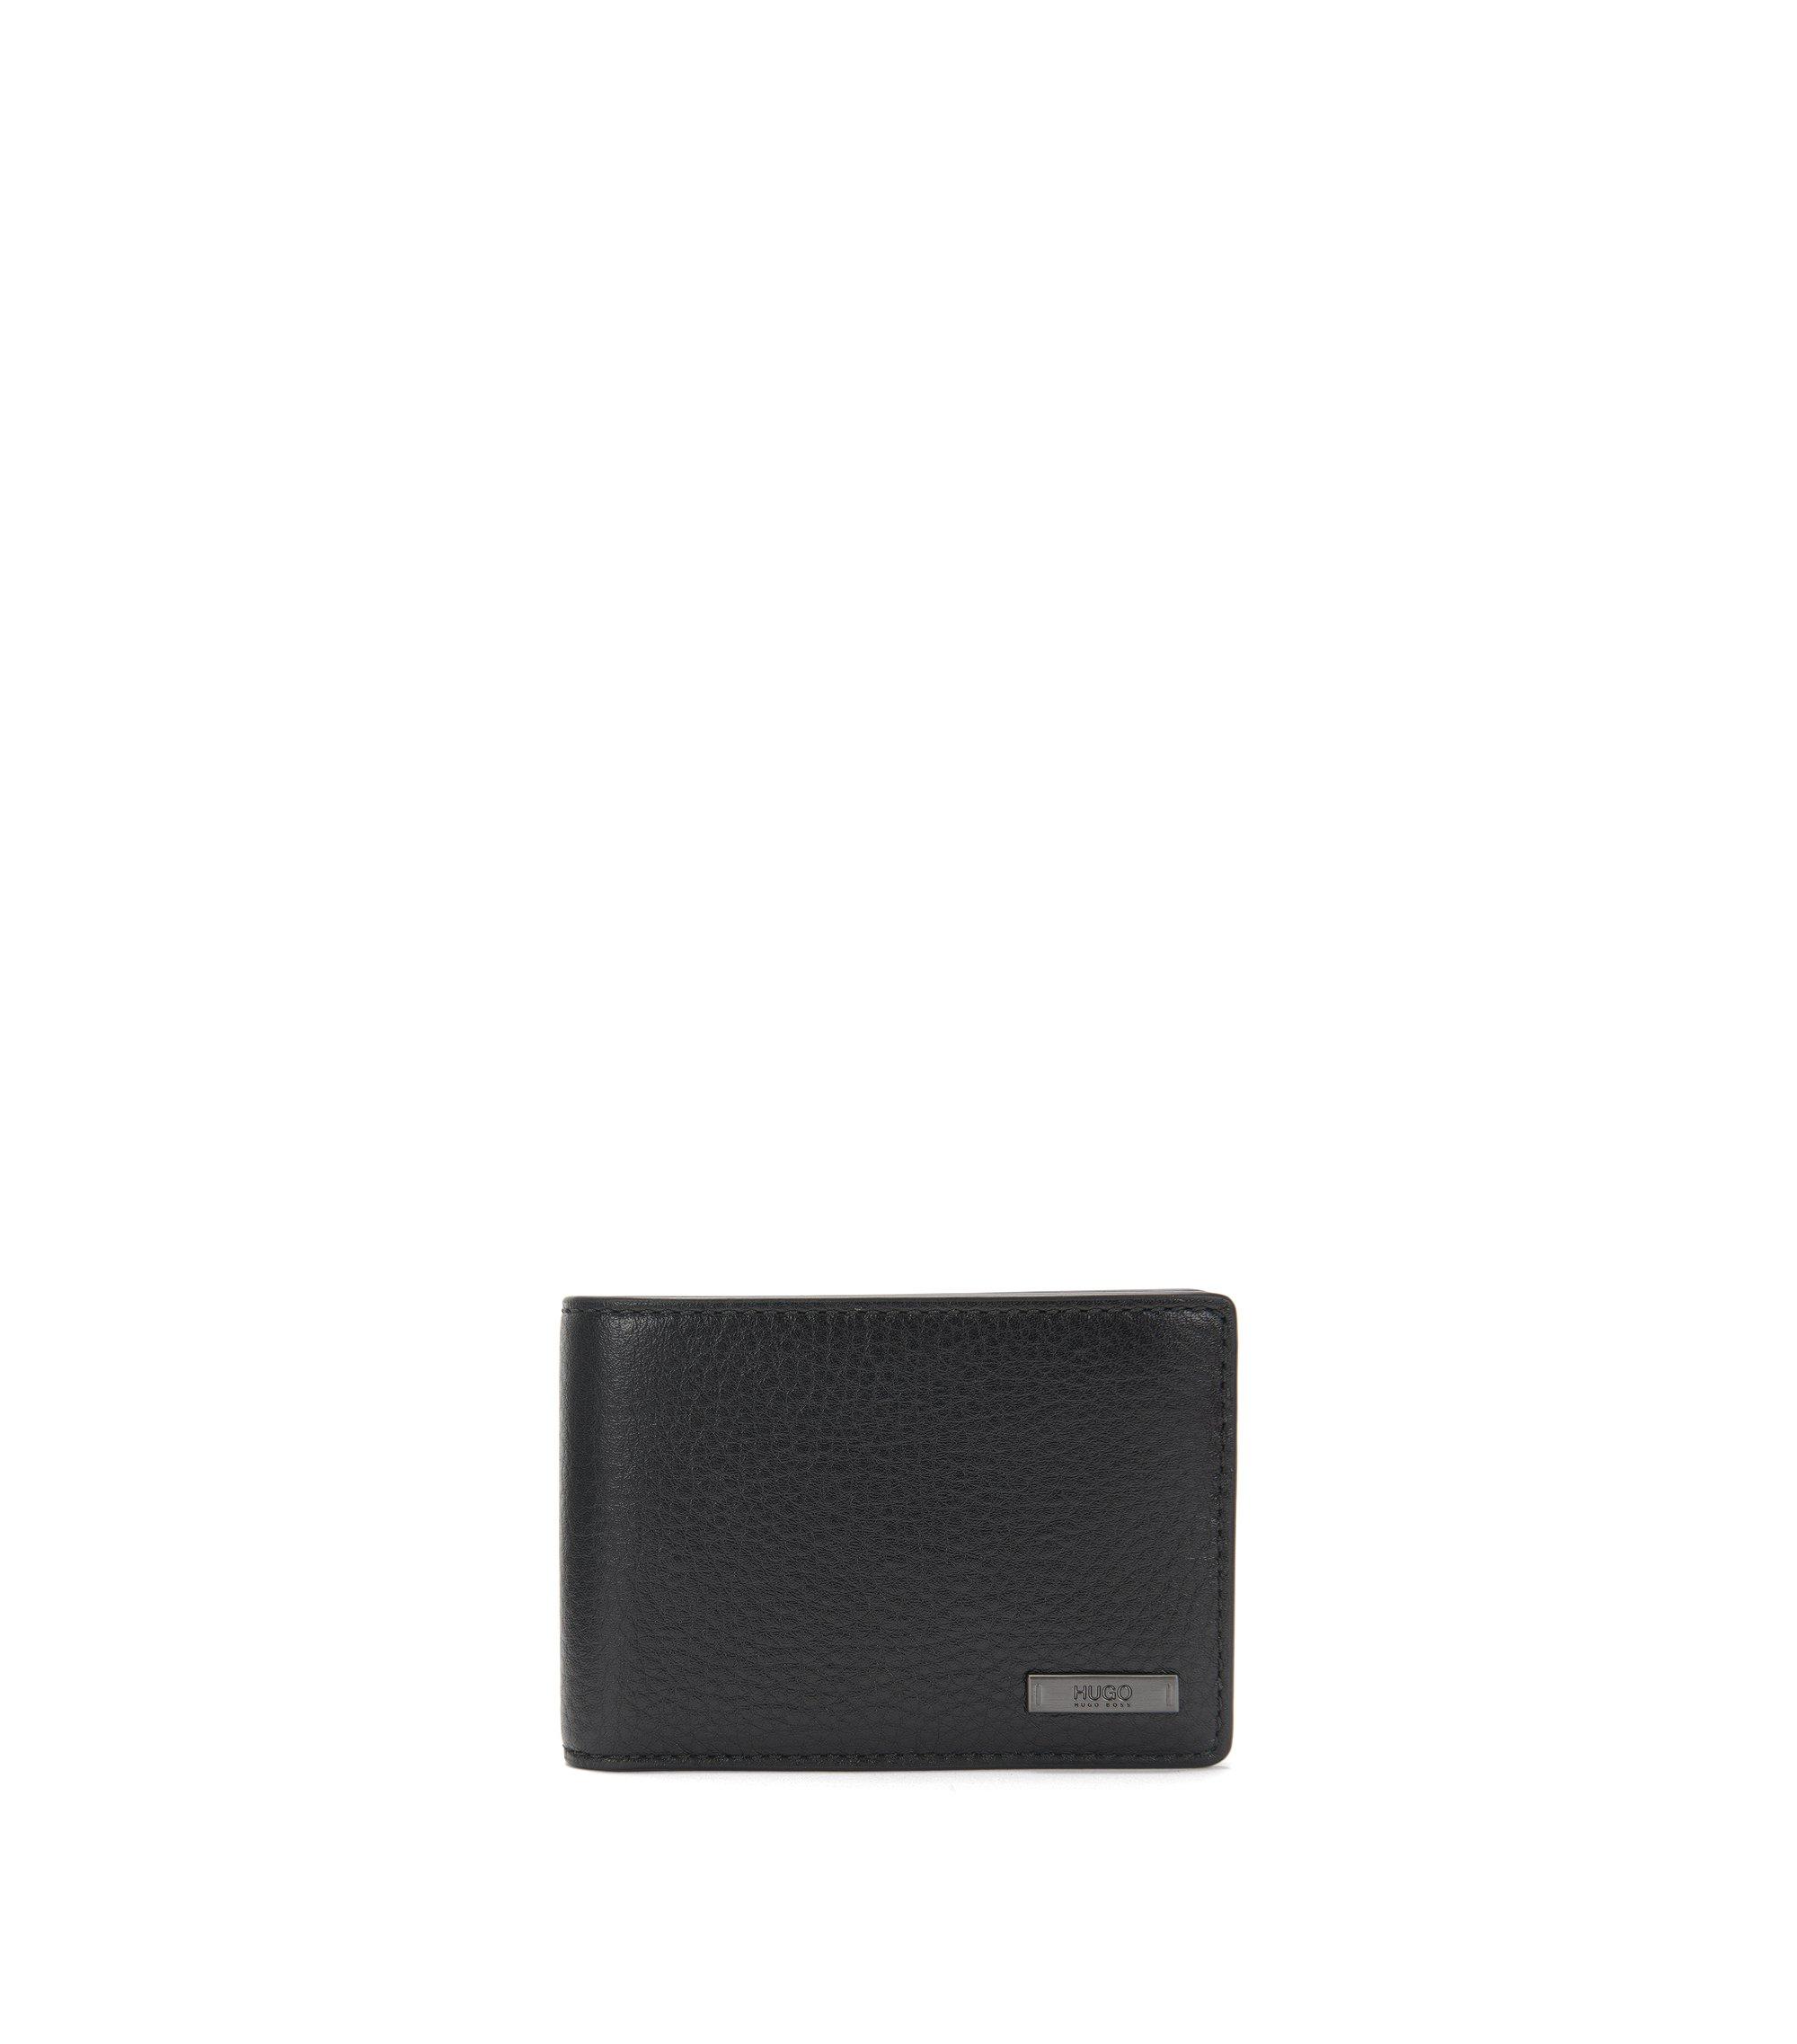 Geldbörse aus Leder mit Metall-Details, Schwarz